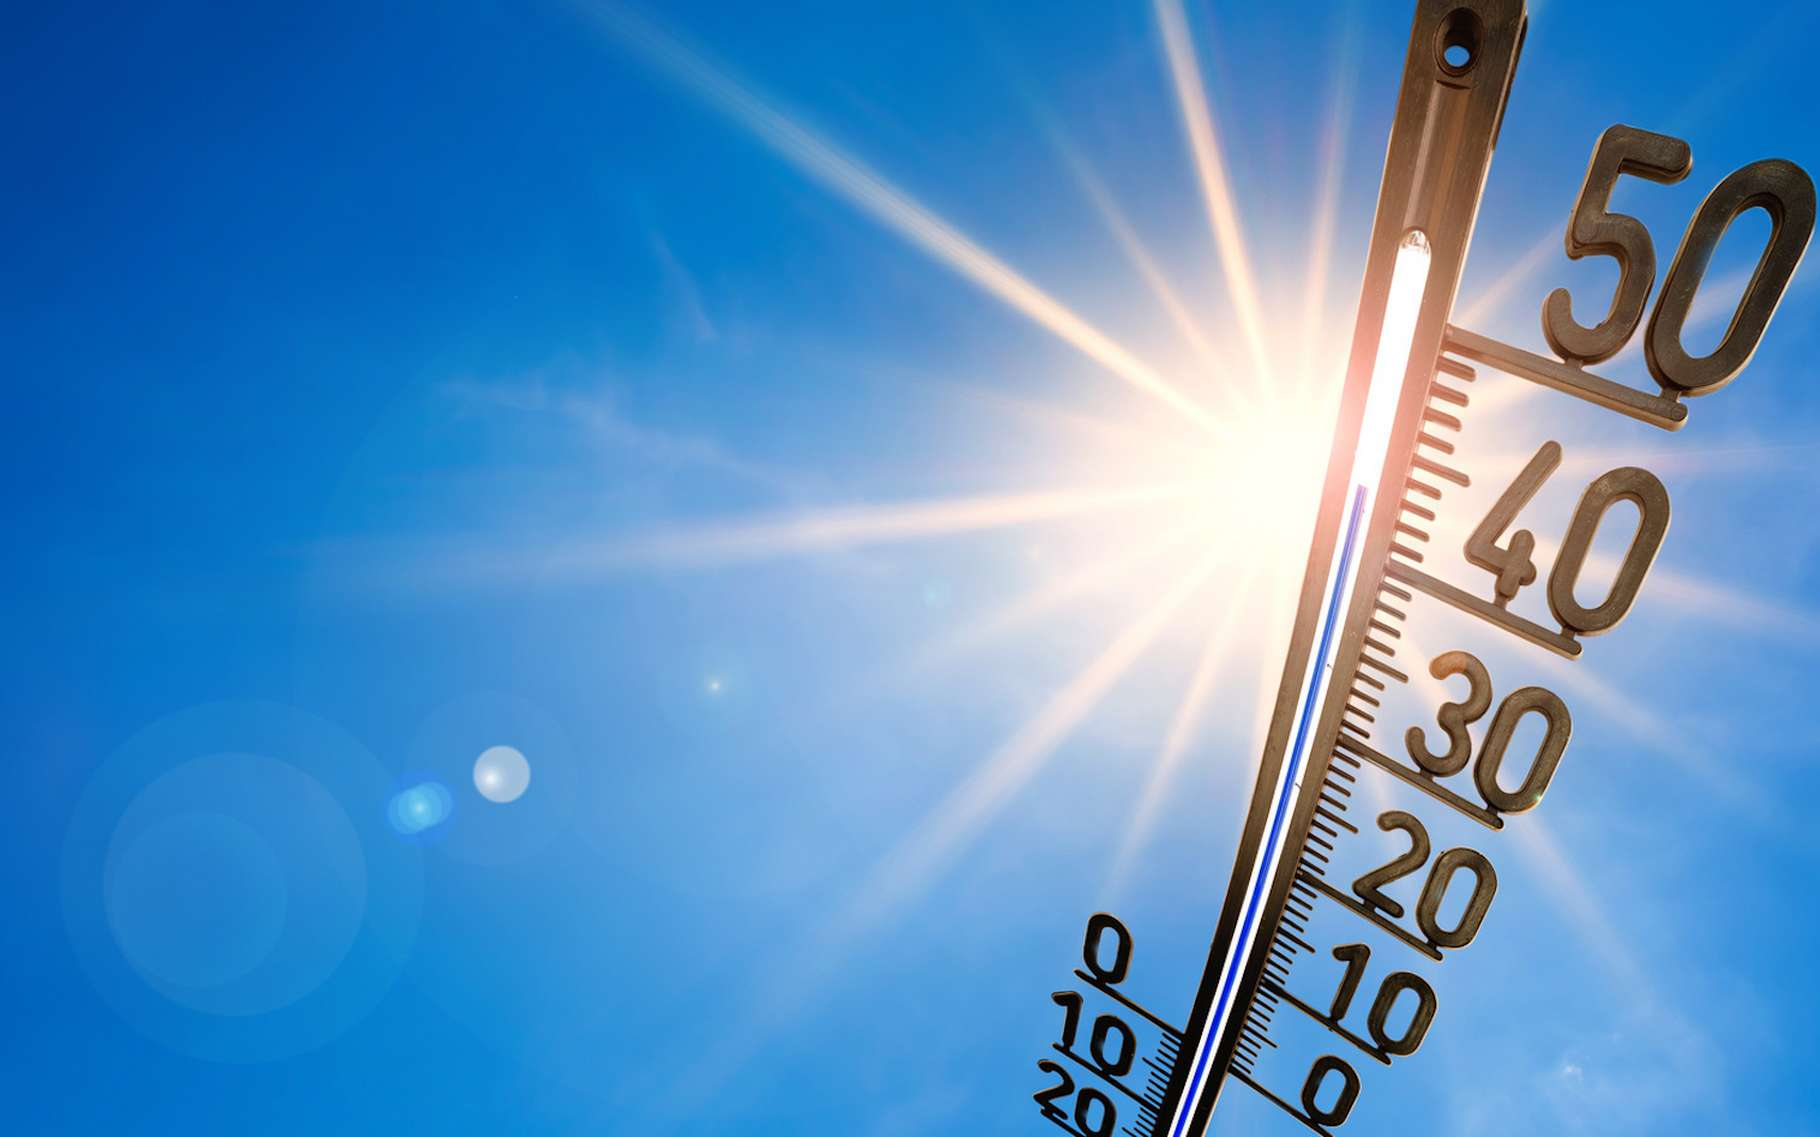 Le phénomène de canicule se définit par des températures anormalement élevées pendant plusieurs jours et nuits consécutifs. La définition précise dépend de la région du monde considérée. © John Smith, Fotolia